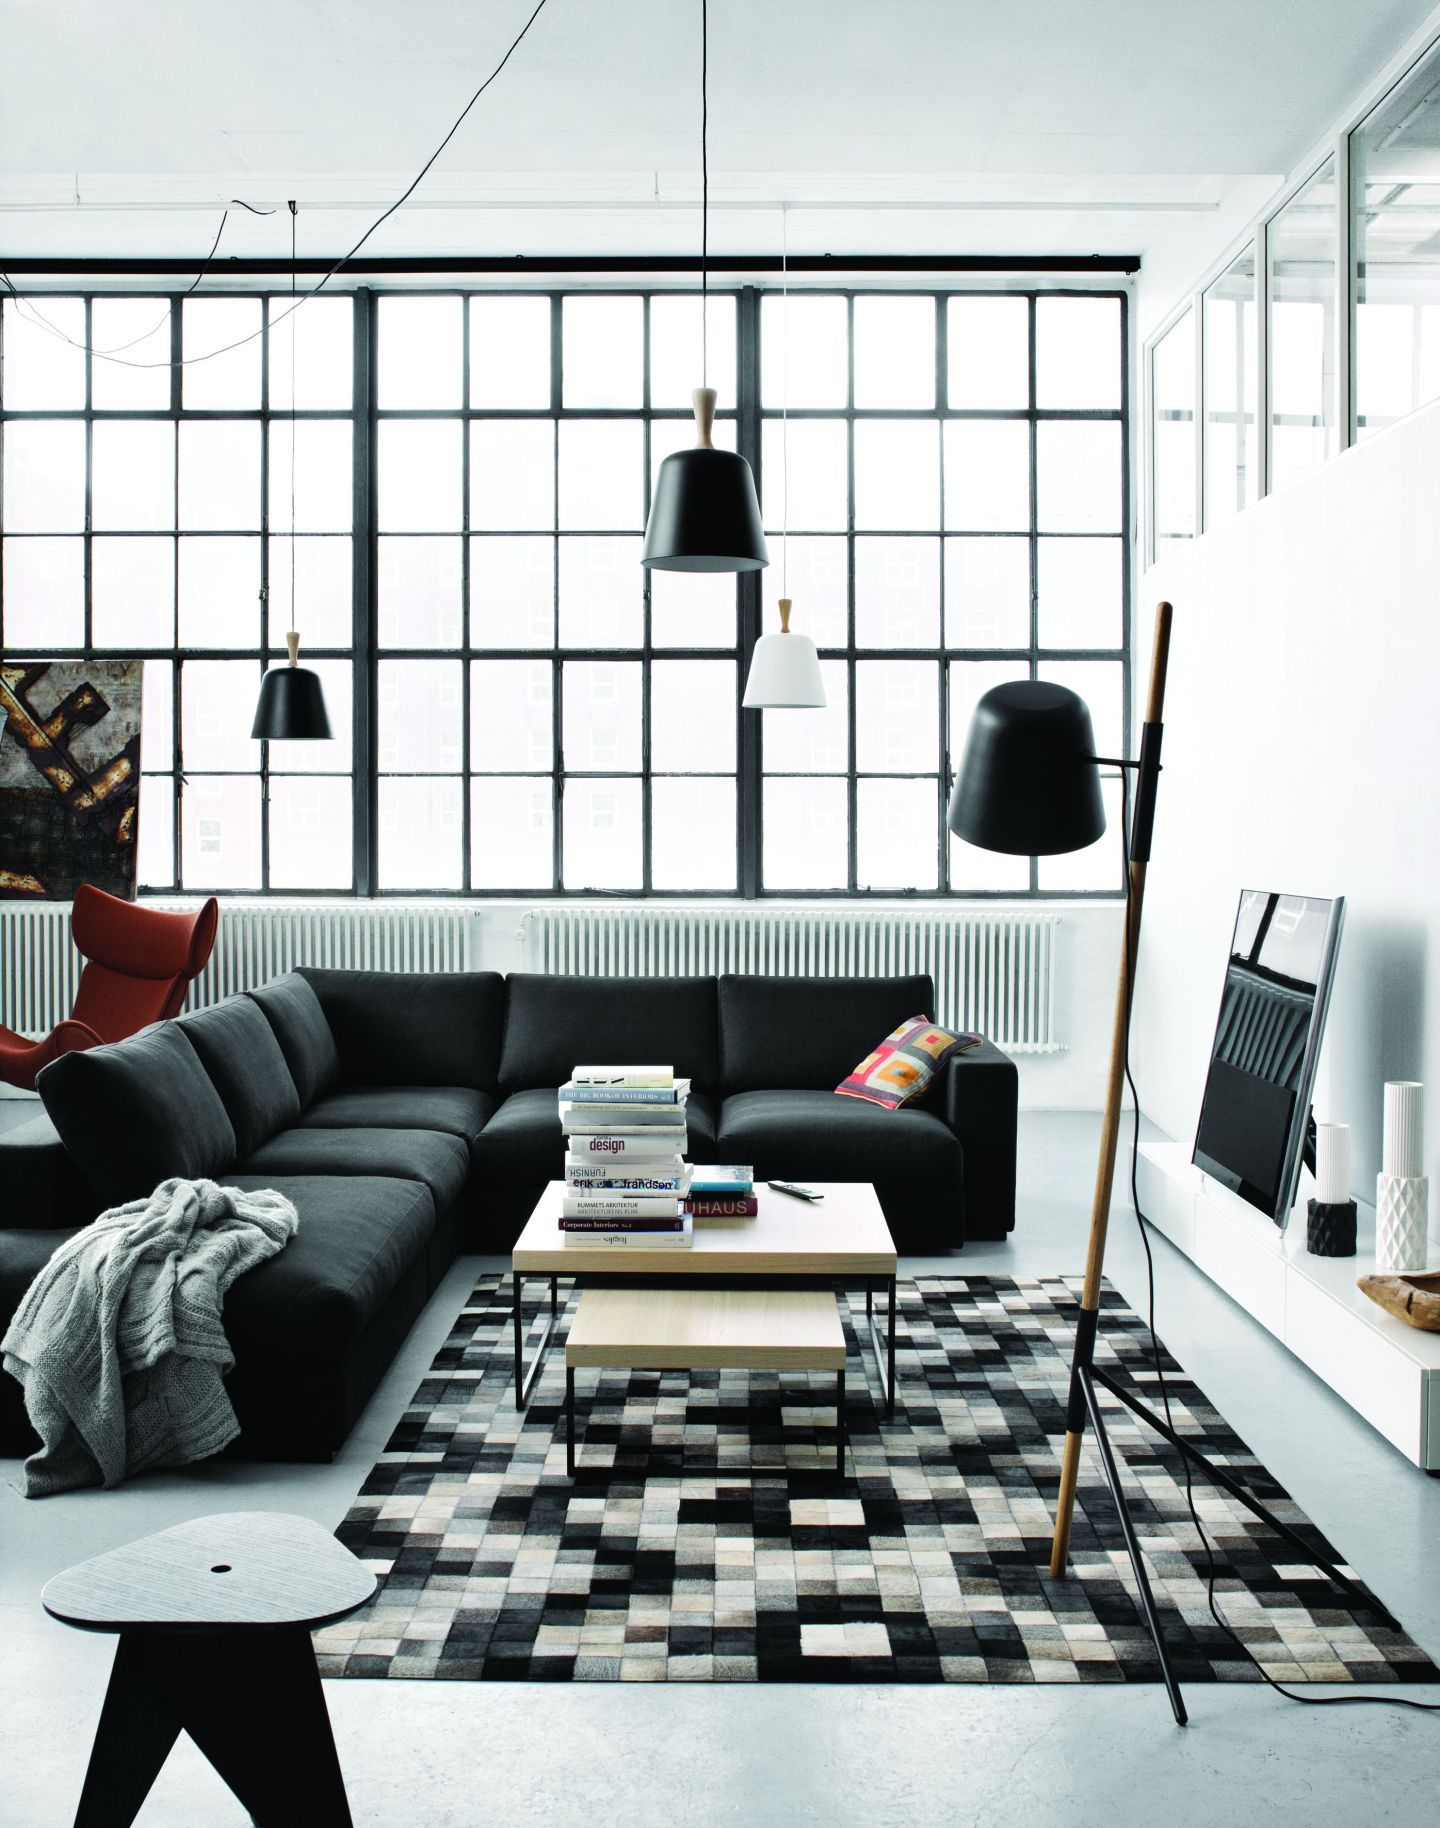 schwarz wei es wohnzimmer im industrie loft. Black Bedroom Furniture Sets. Home Design Ideas